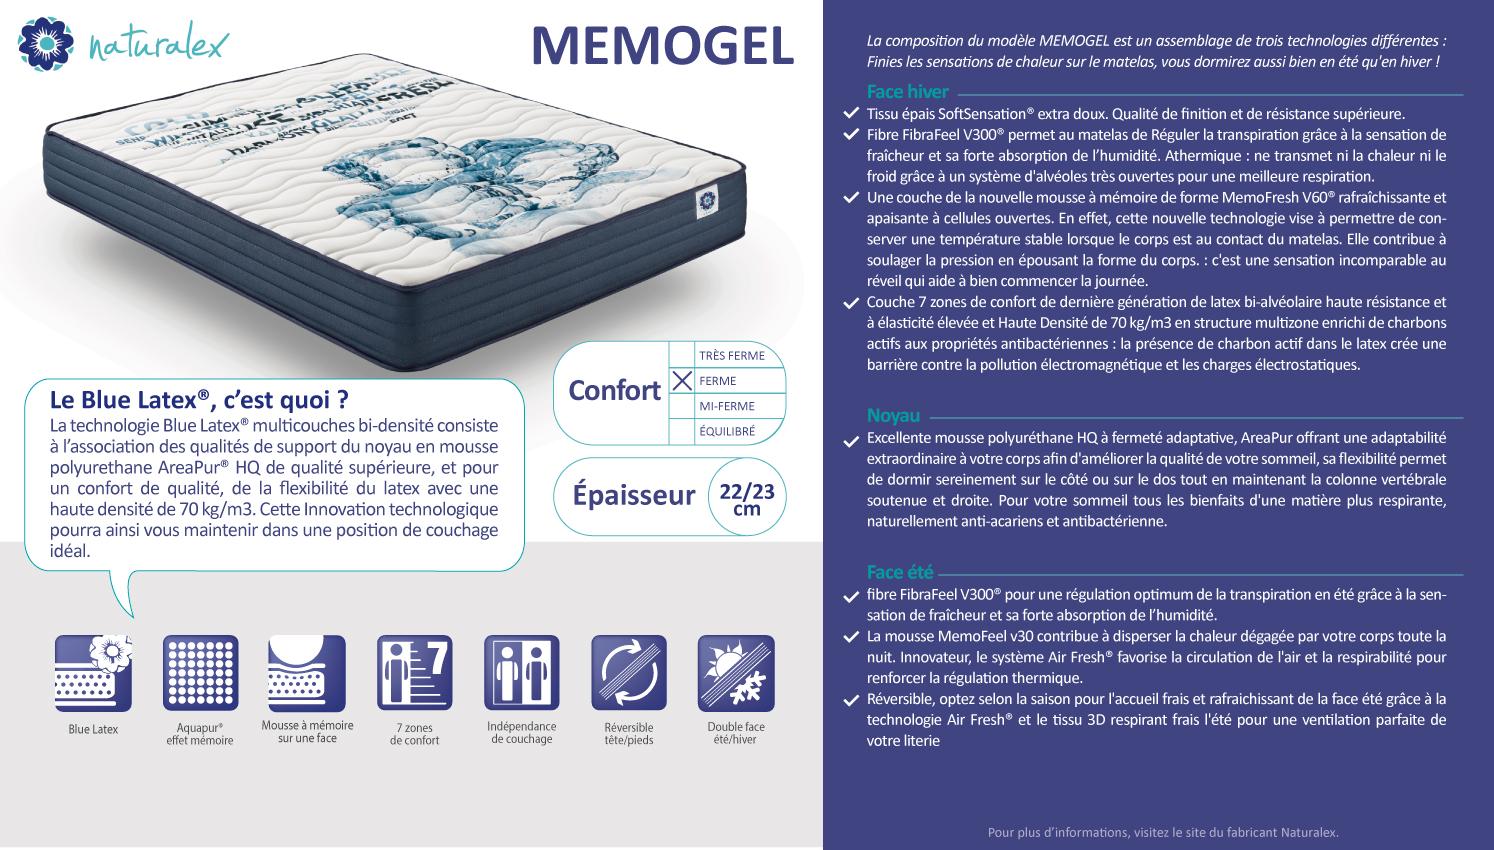 Athermique Sensation Spa|Ultra Frais Et Respirant /Épaisseur 23 cm Technologie Blue Latex Mousse A M/émoire Memo Fresh V60 Auto Ventil/ée Matelas Memogel 80x190 cm NATURALEX